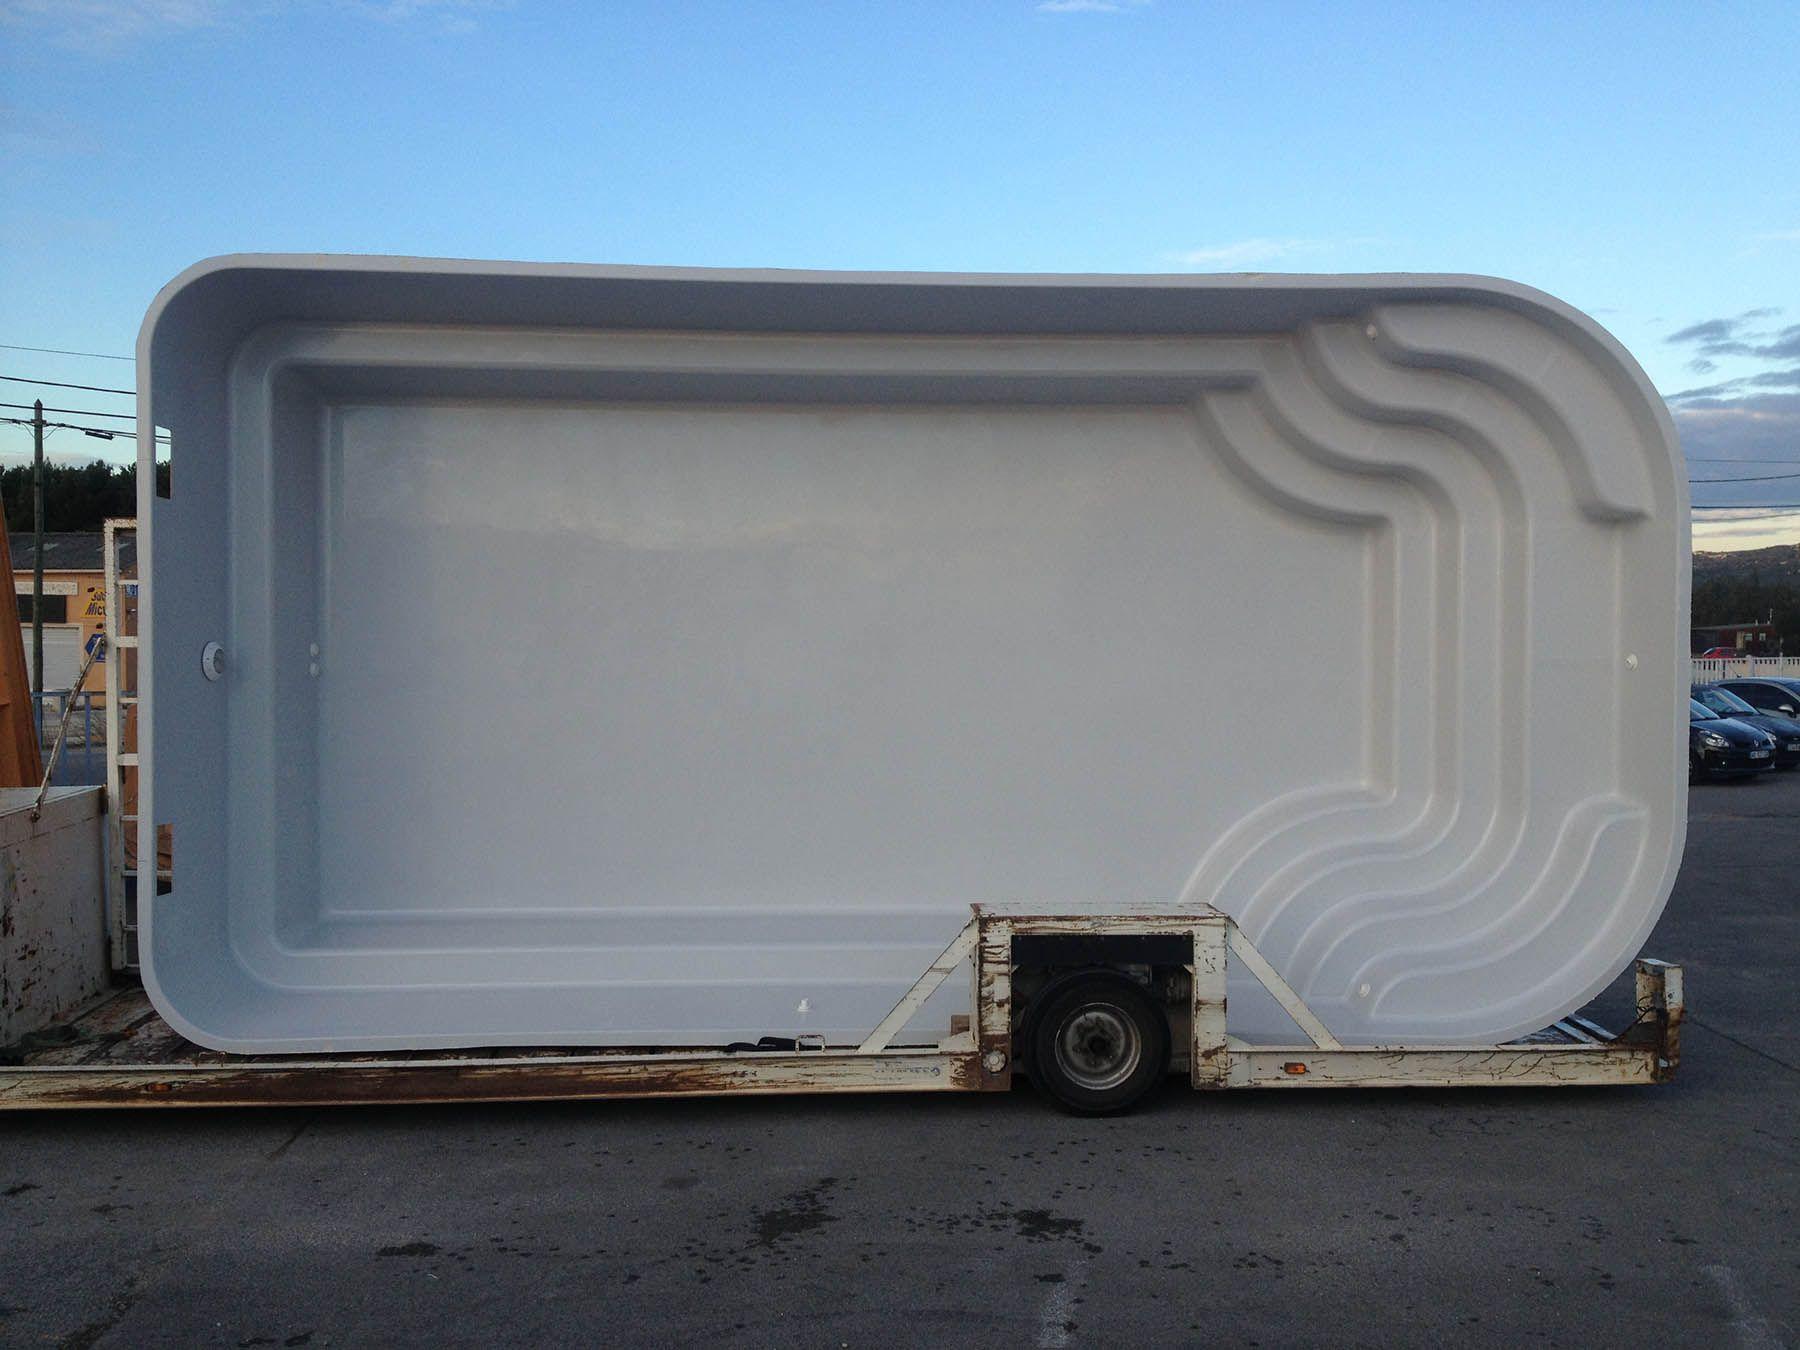 Photo Piscine polyester 8m*4m - Ubaye grise - piscine 8 par 4 grise - Photo d'une piscine coque